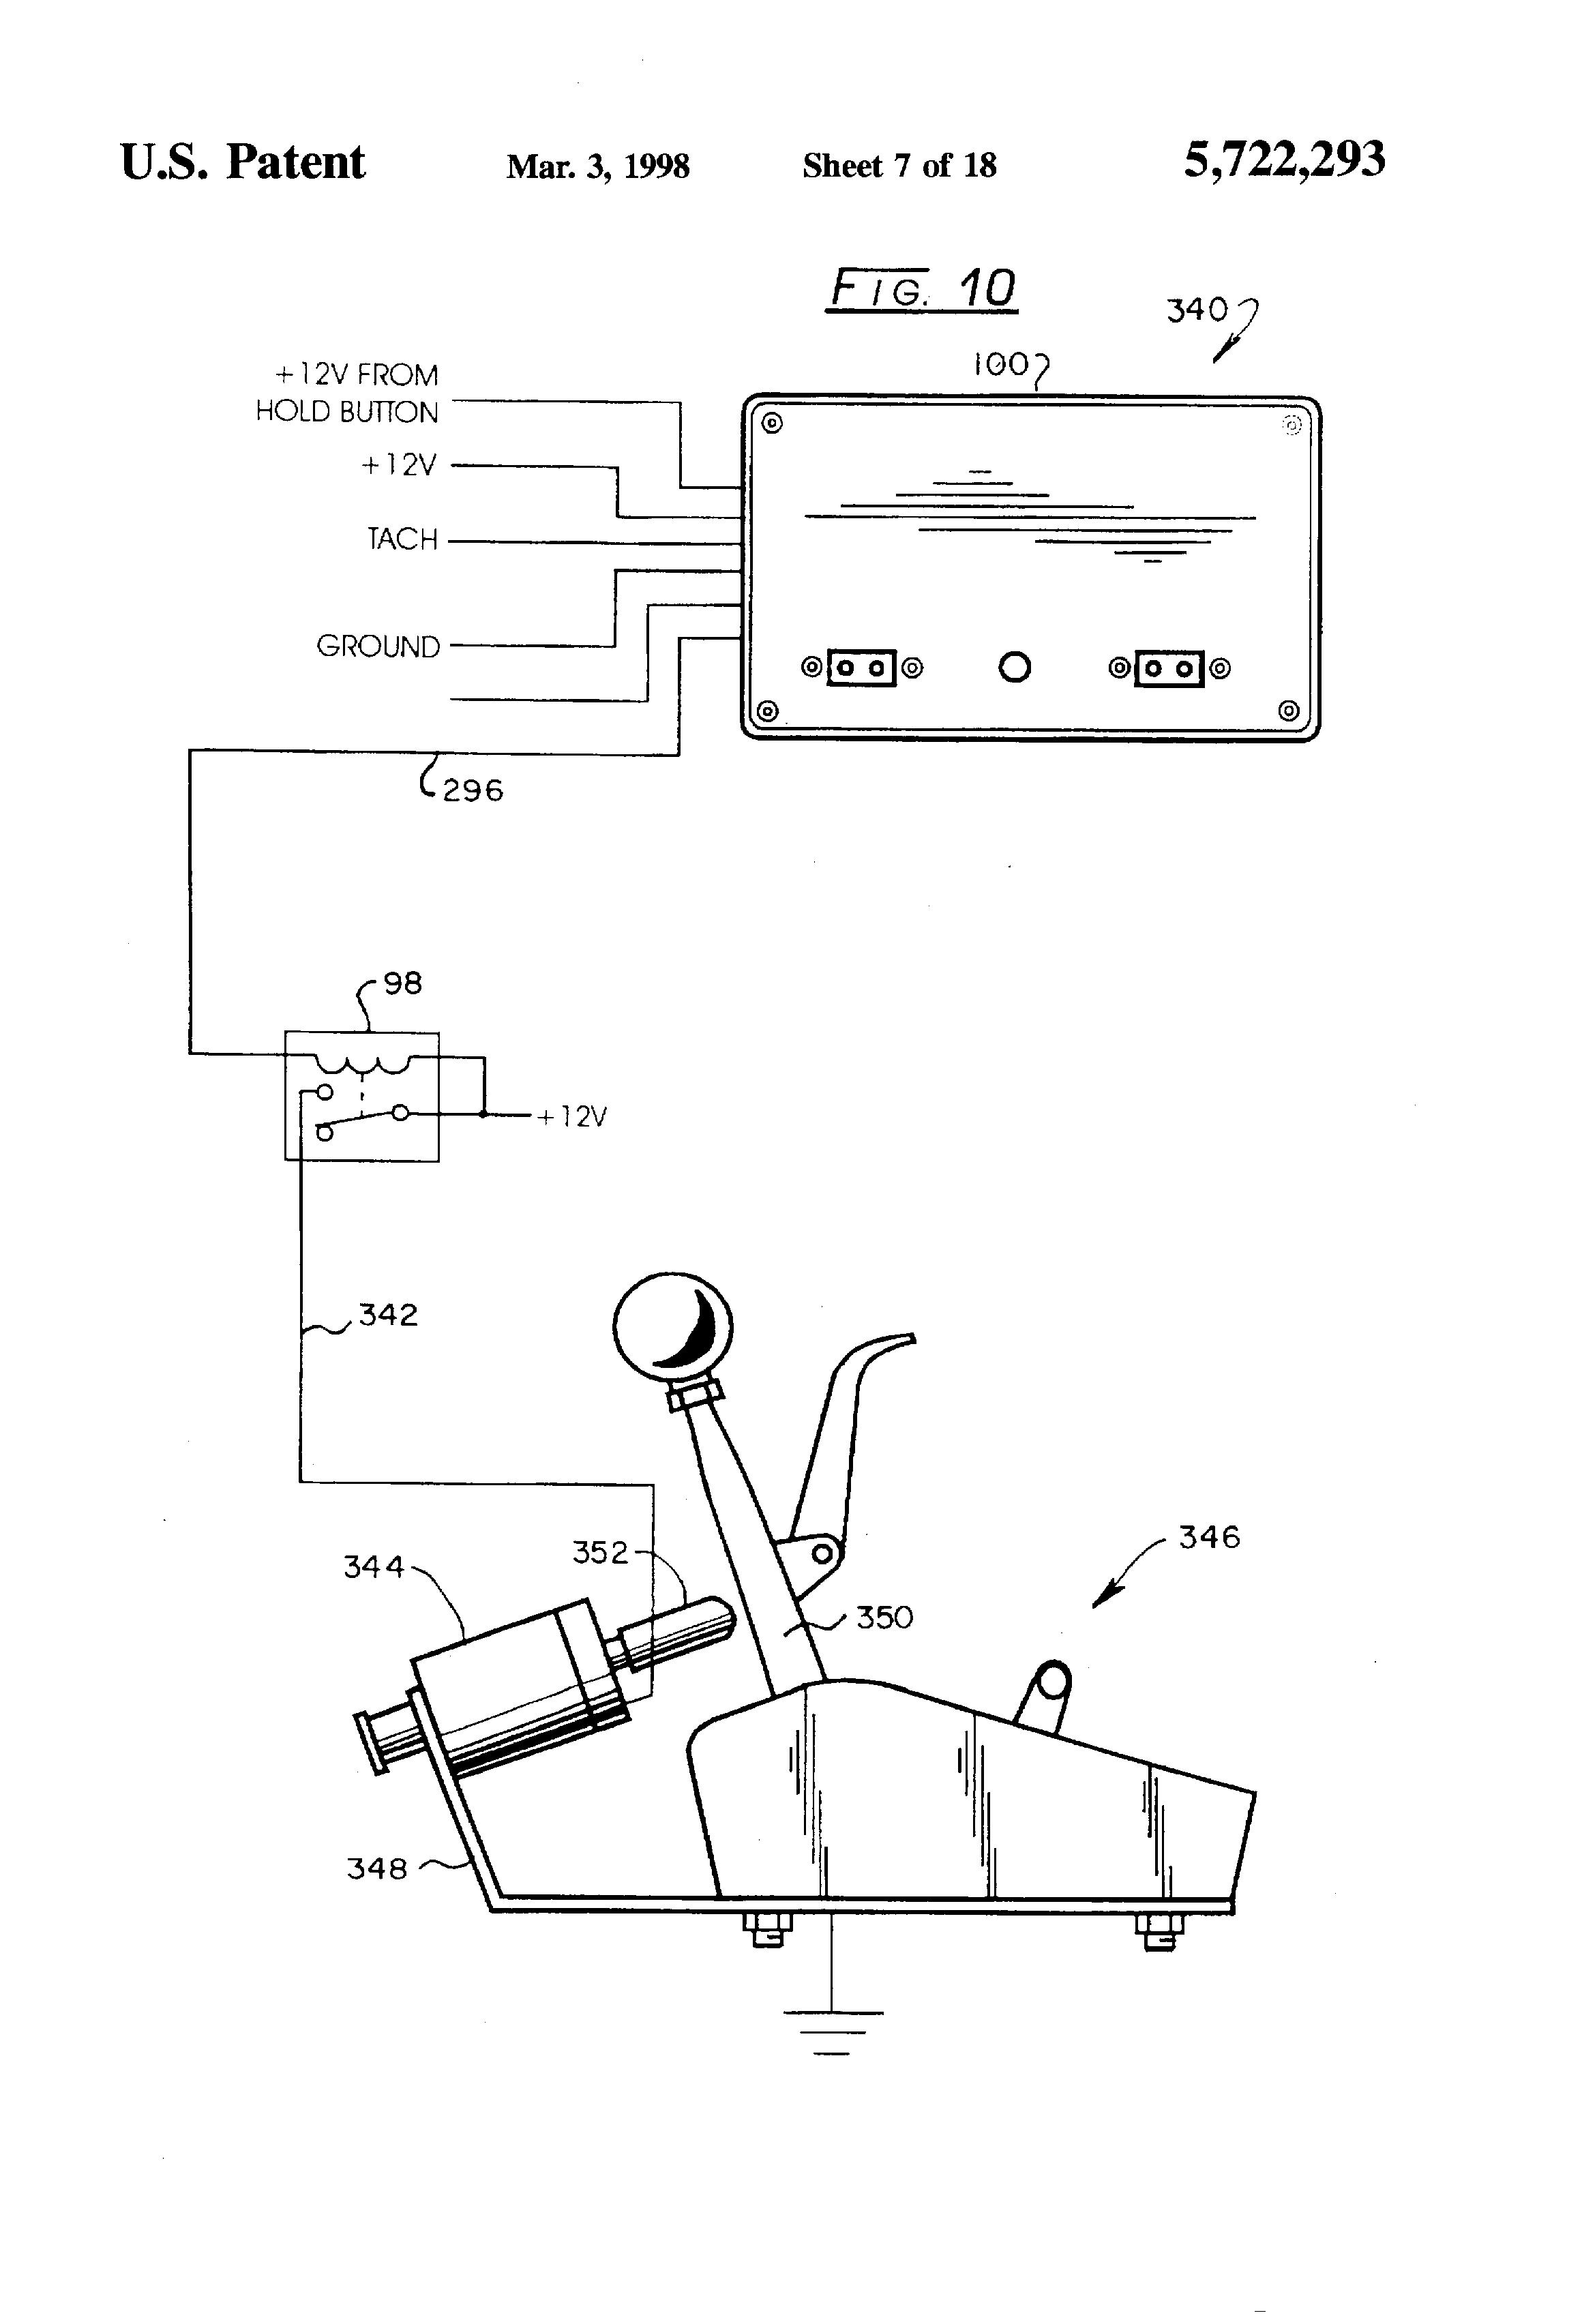 Basic race car wiring diagram